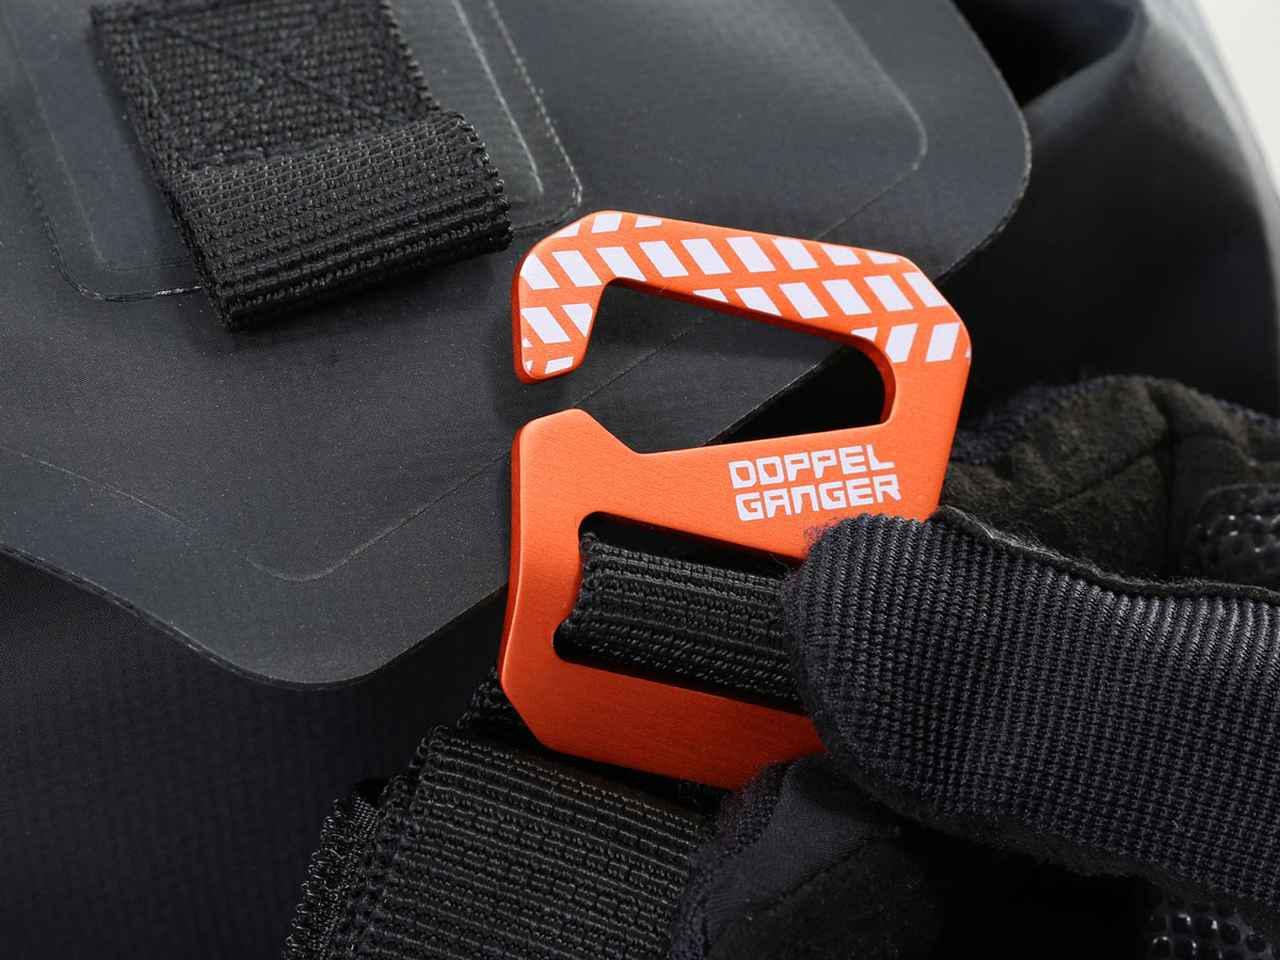 画像: フラップのループに爪を引っ掛けるだけでバッグの開閉操作が行えるドッペルギャンガーGフック。開閉のストレスを減らしてくれる機能的なアイテム。